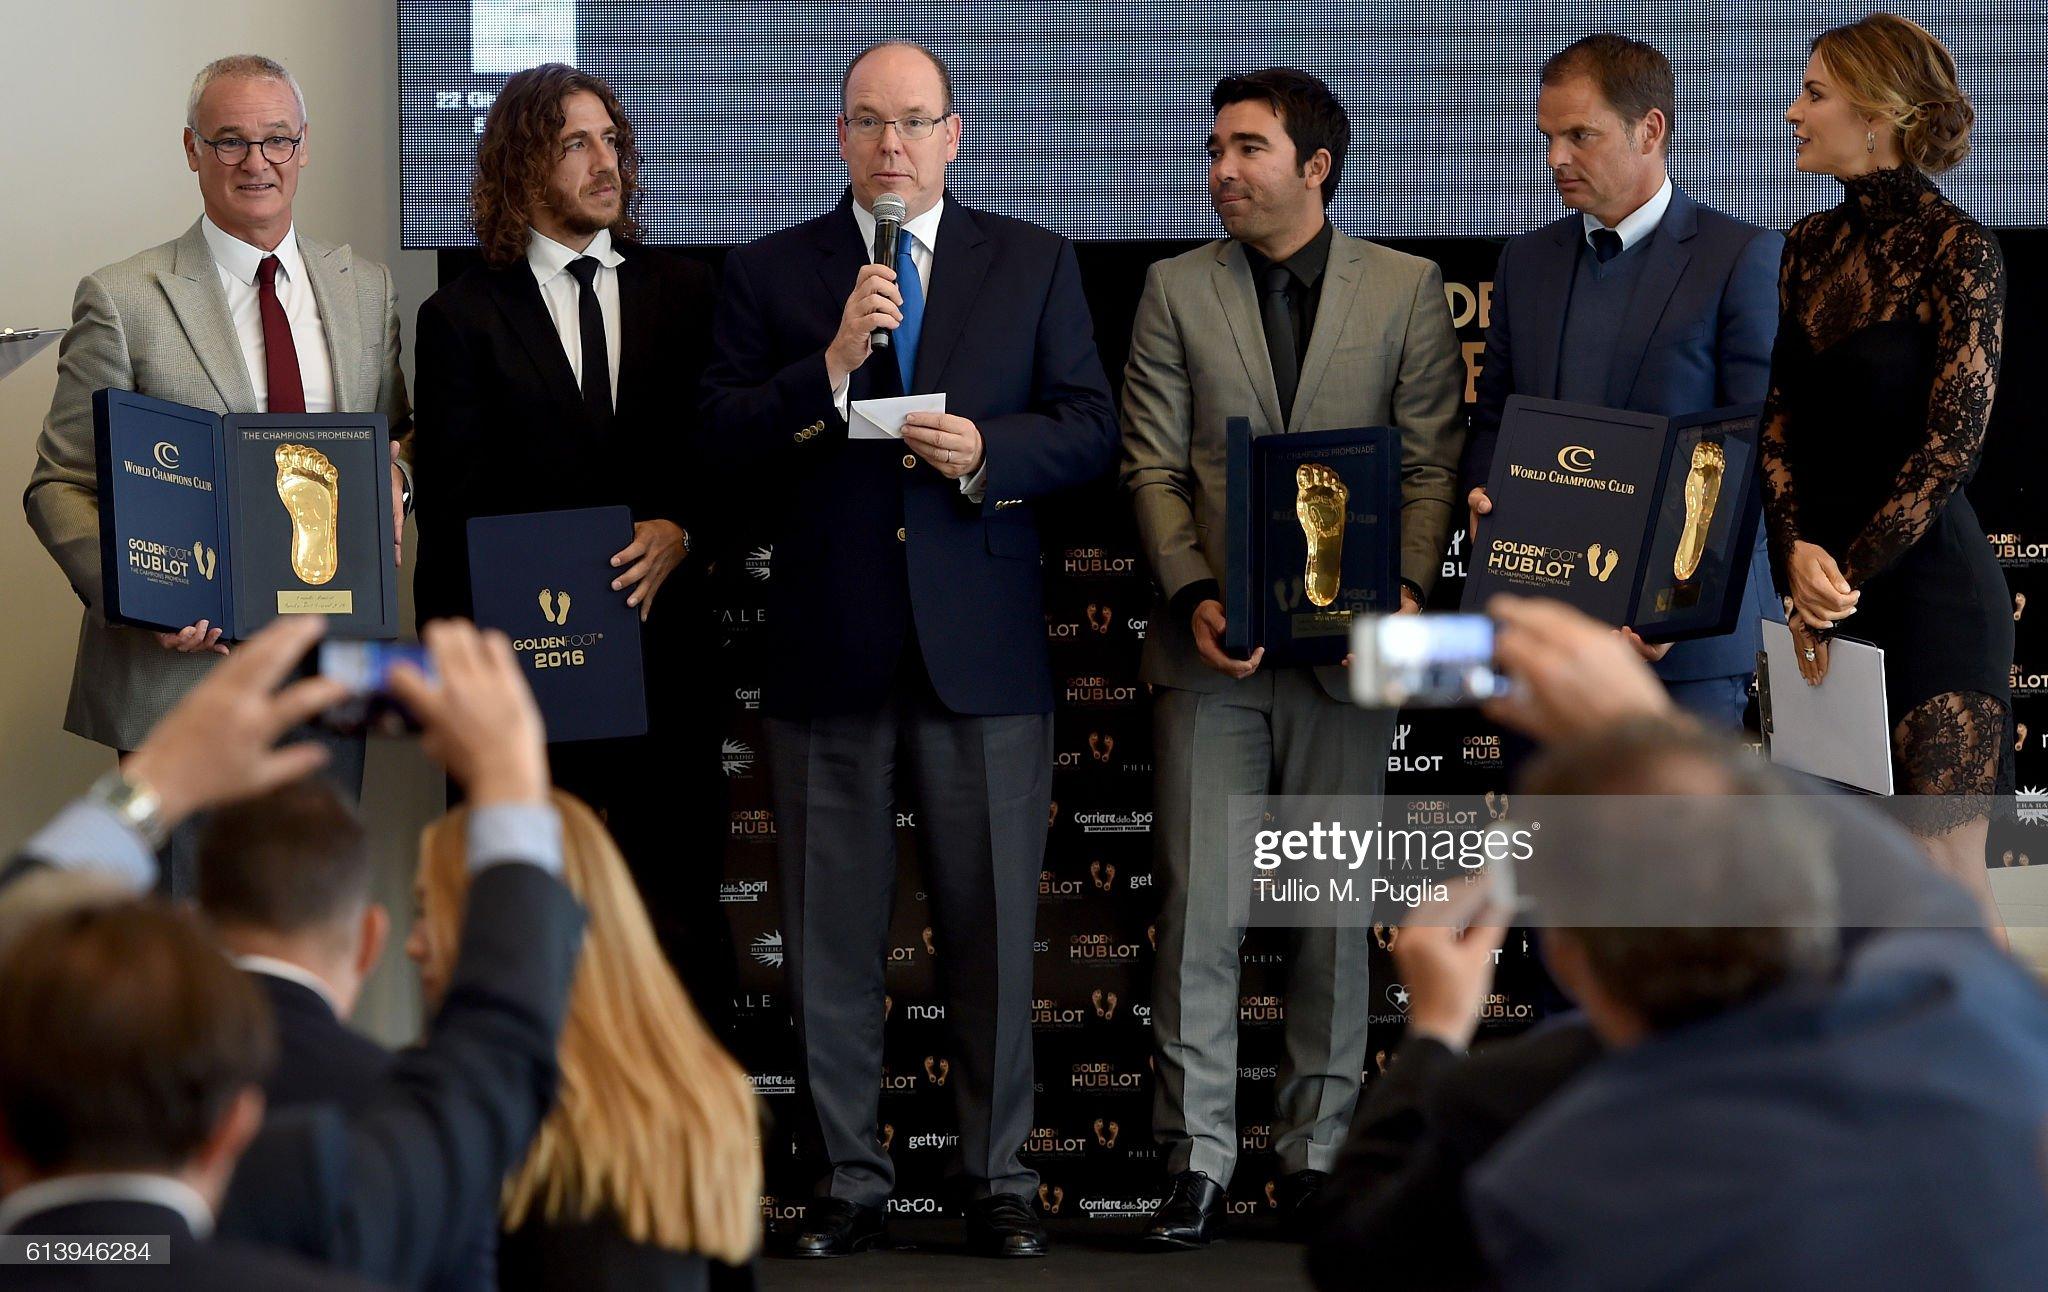 ¿Cuánto mide Carles Puyol? - Altura - Real height - Página 4 Claudio-ranieri-carles-puyol-deco-prince-albert-ii-of-monaco-deco-de-picture-id613946284?s=2048x2048